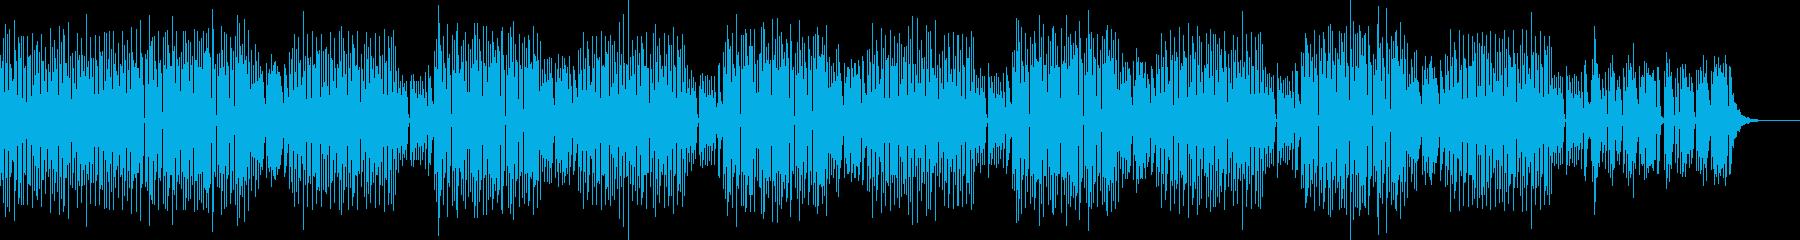 ノリの良いミニマルテクノの再生済みの波形